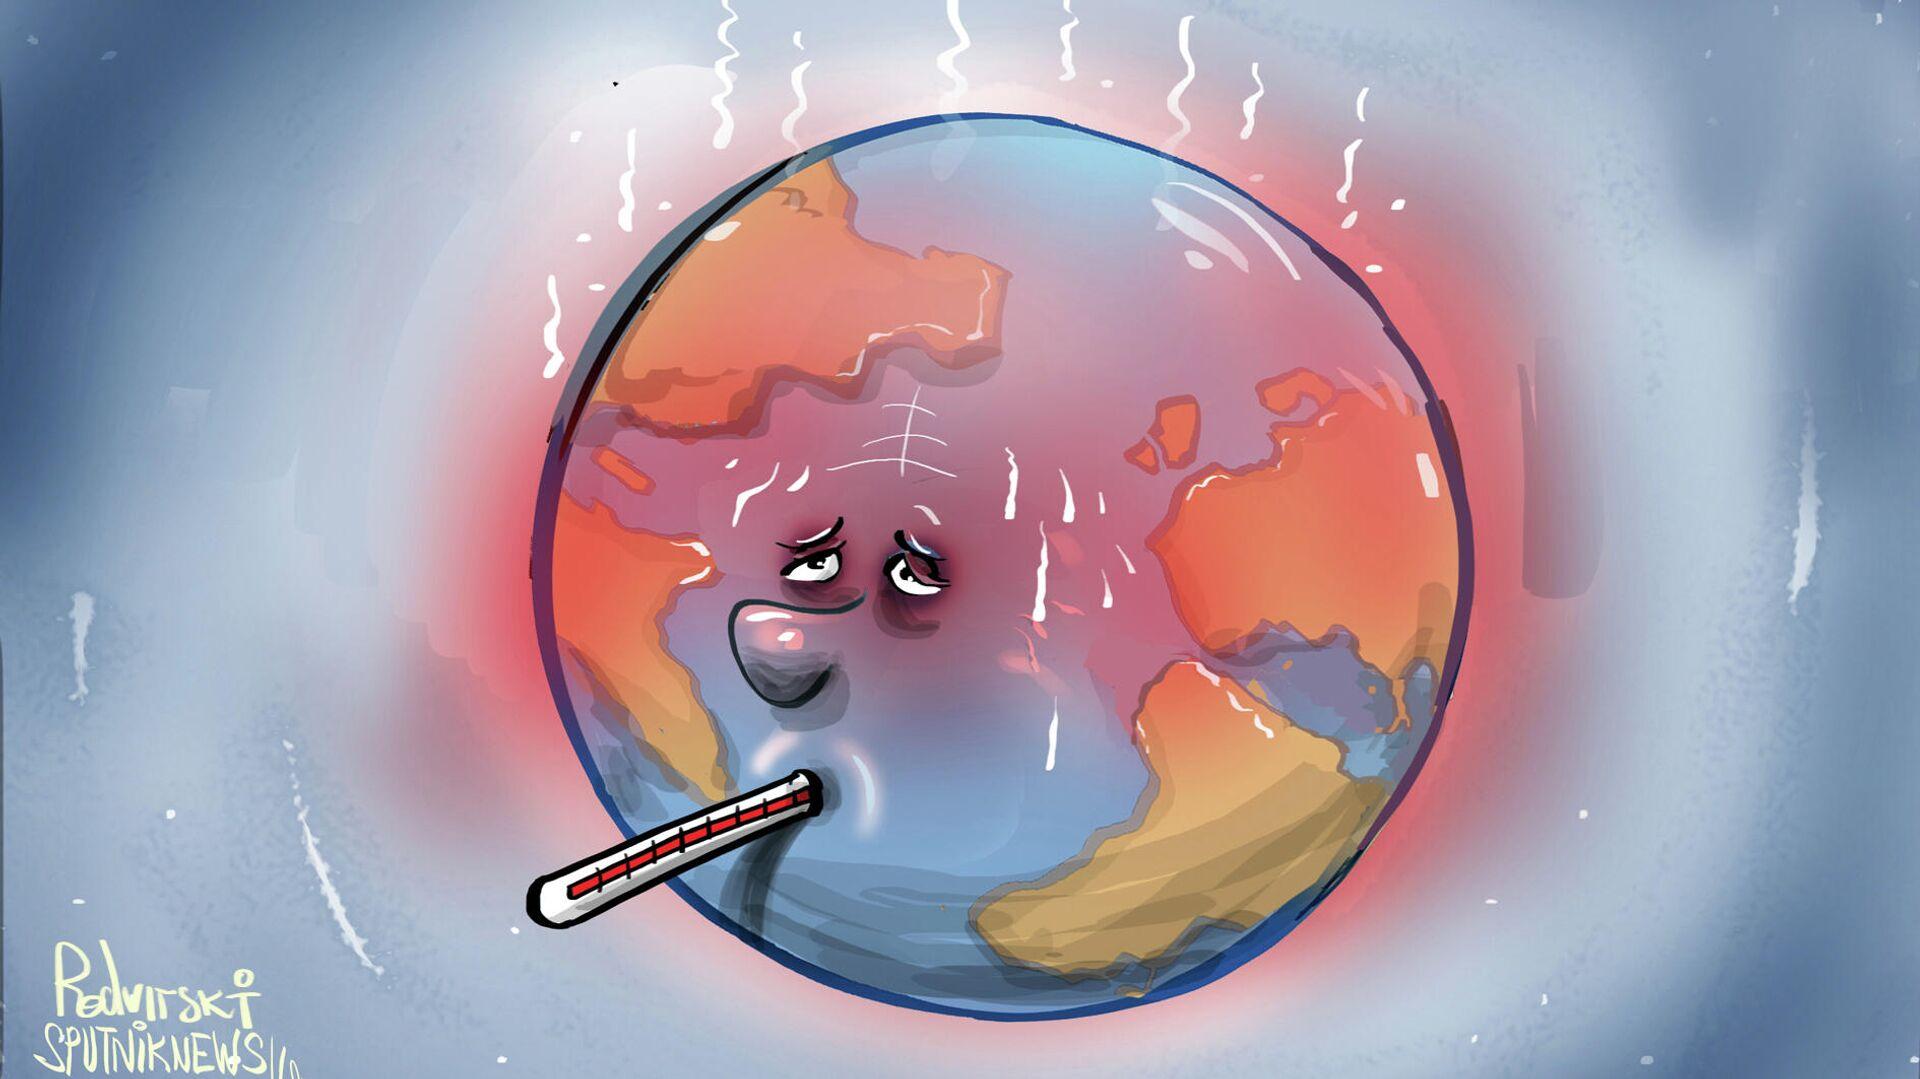 Il pianeta ha la febbre  - Sputnik Italia, 1920, 28.07.2021